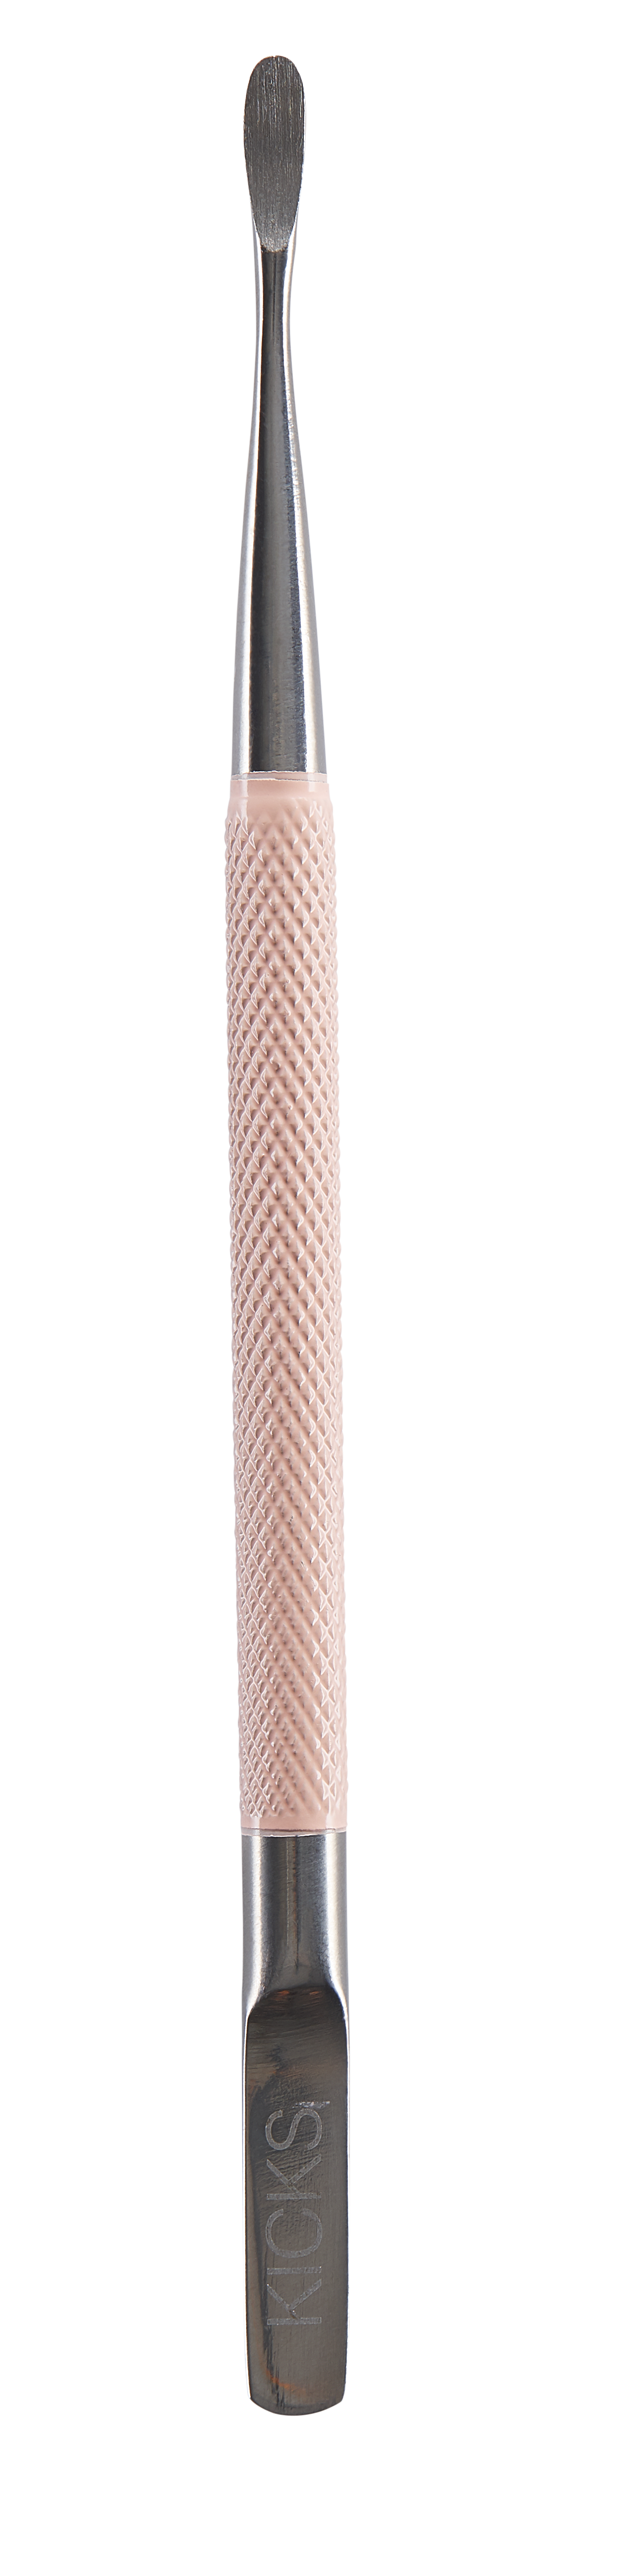 Manicure Stick Metal